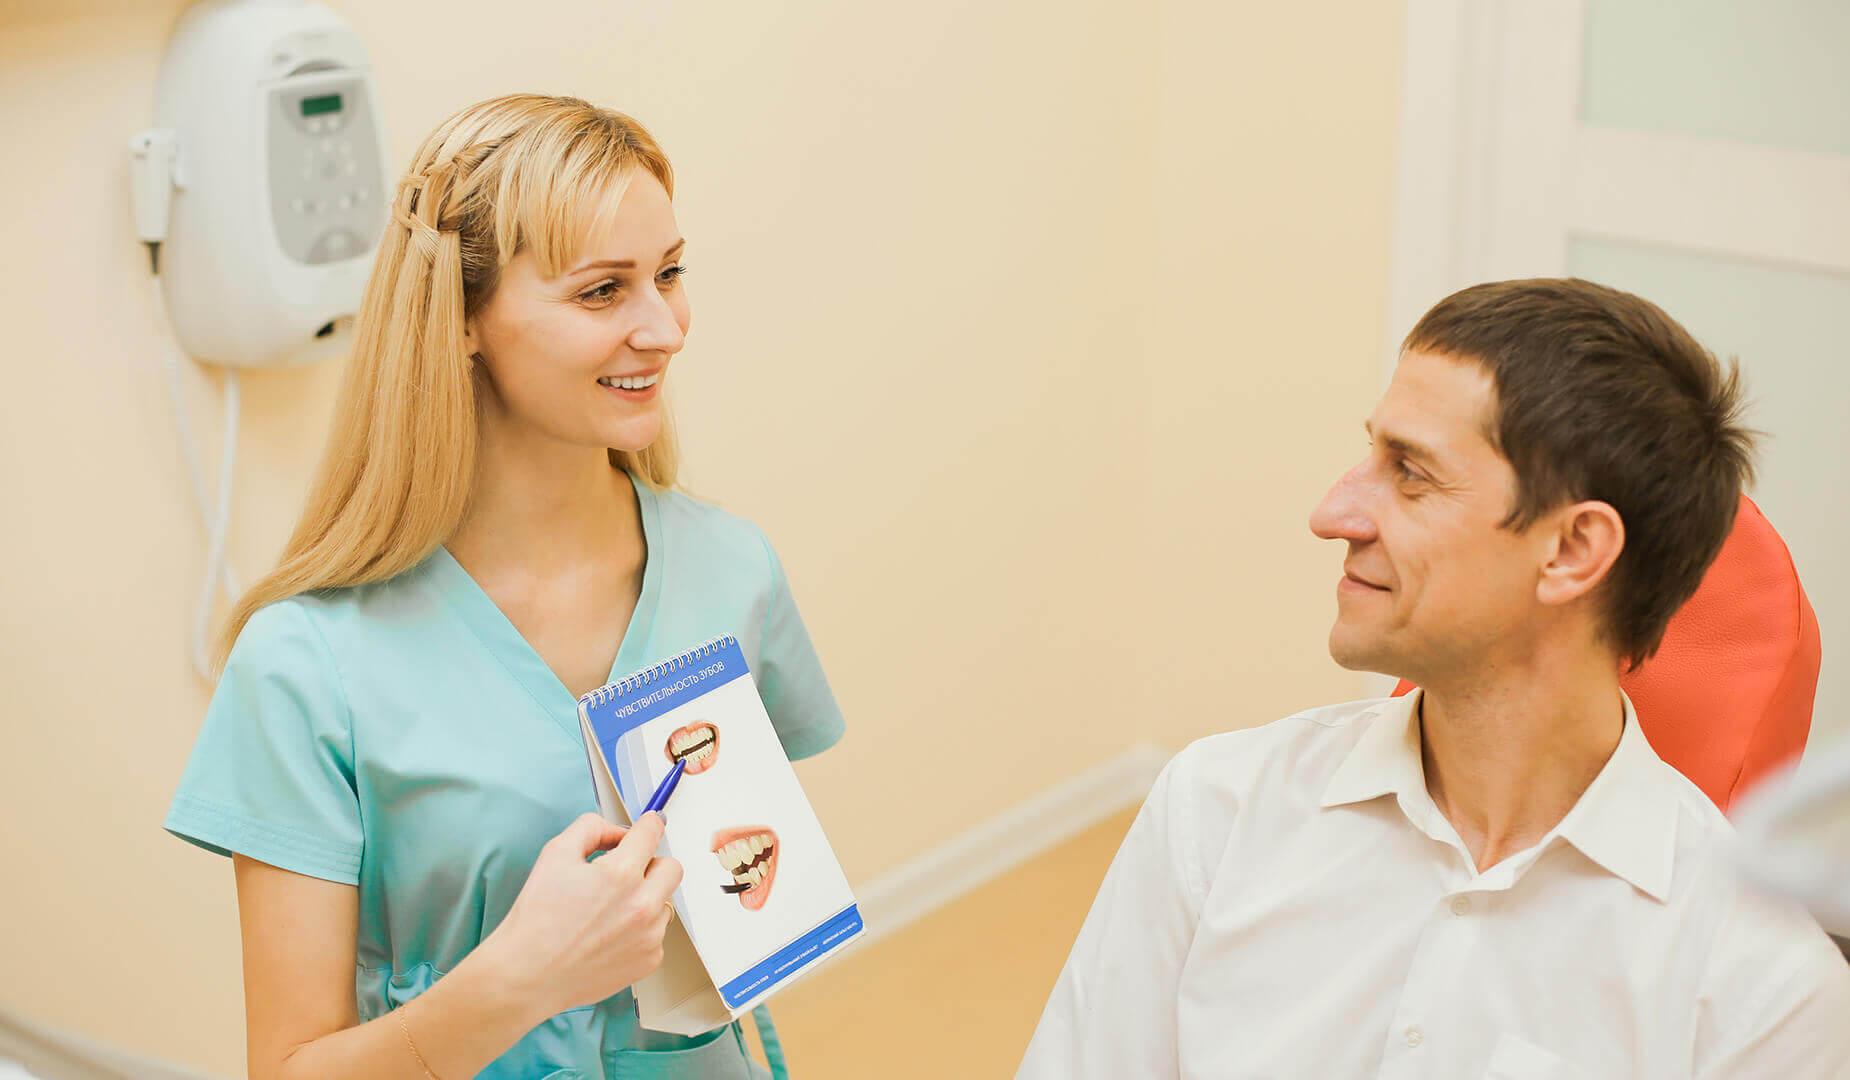 Врач показывает пациенту буклеты